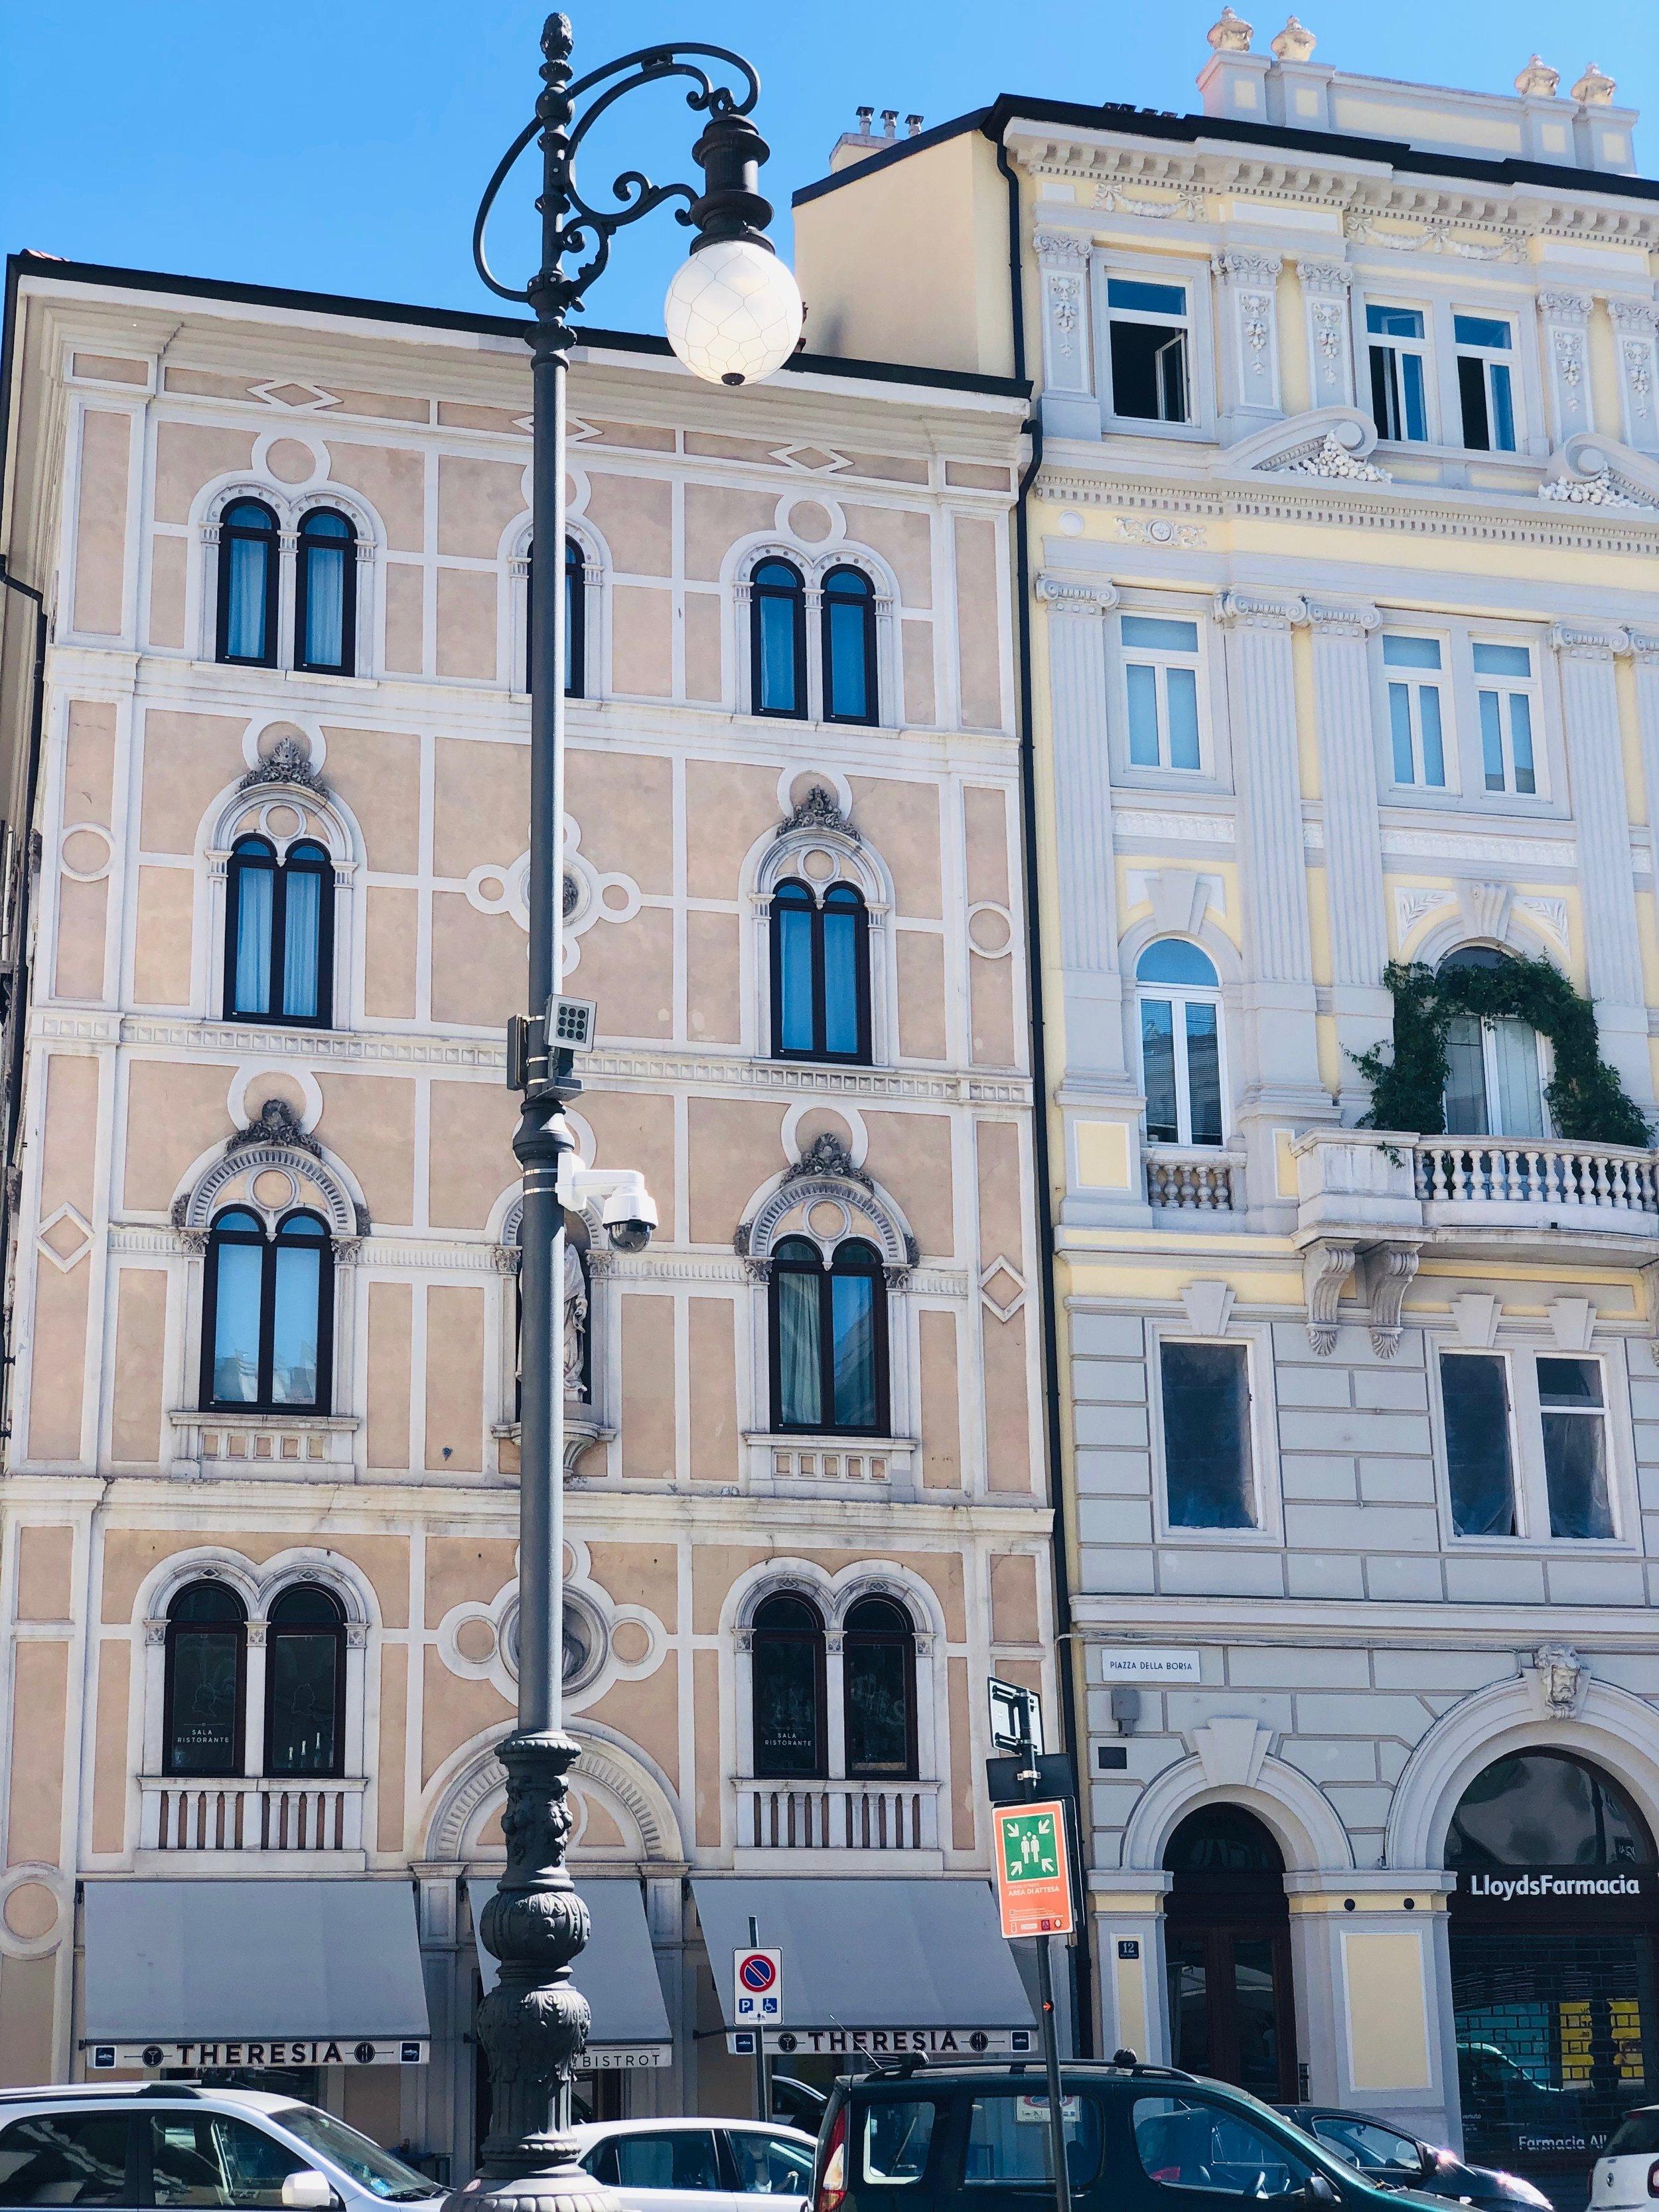 Trieste architecture.